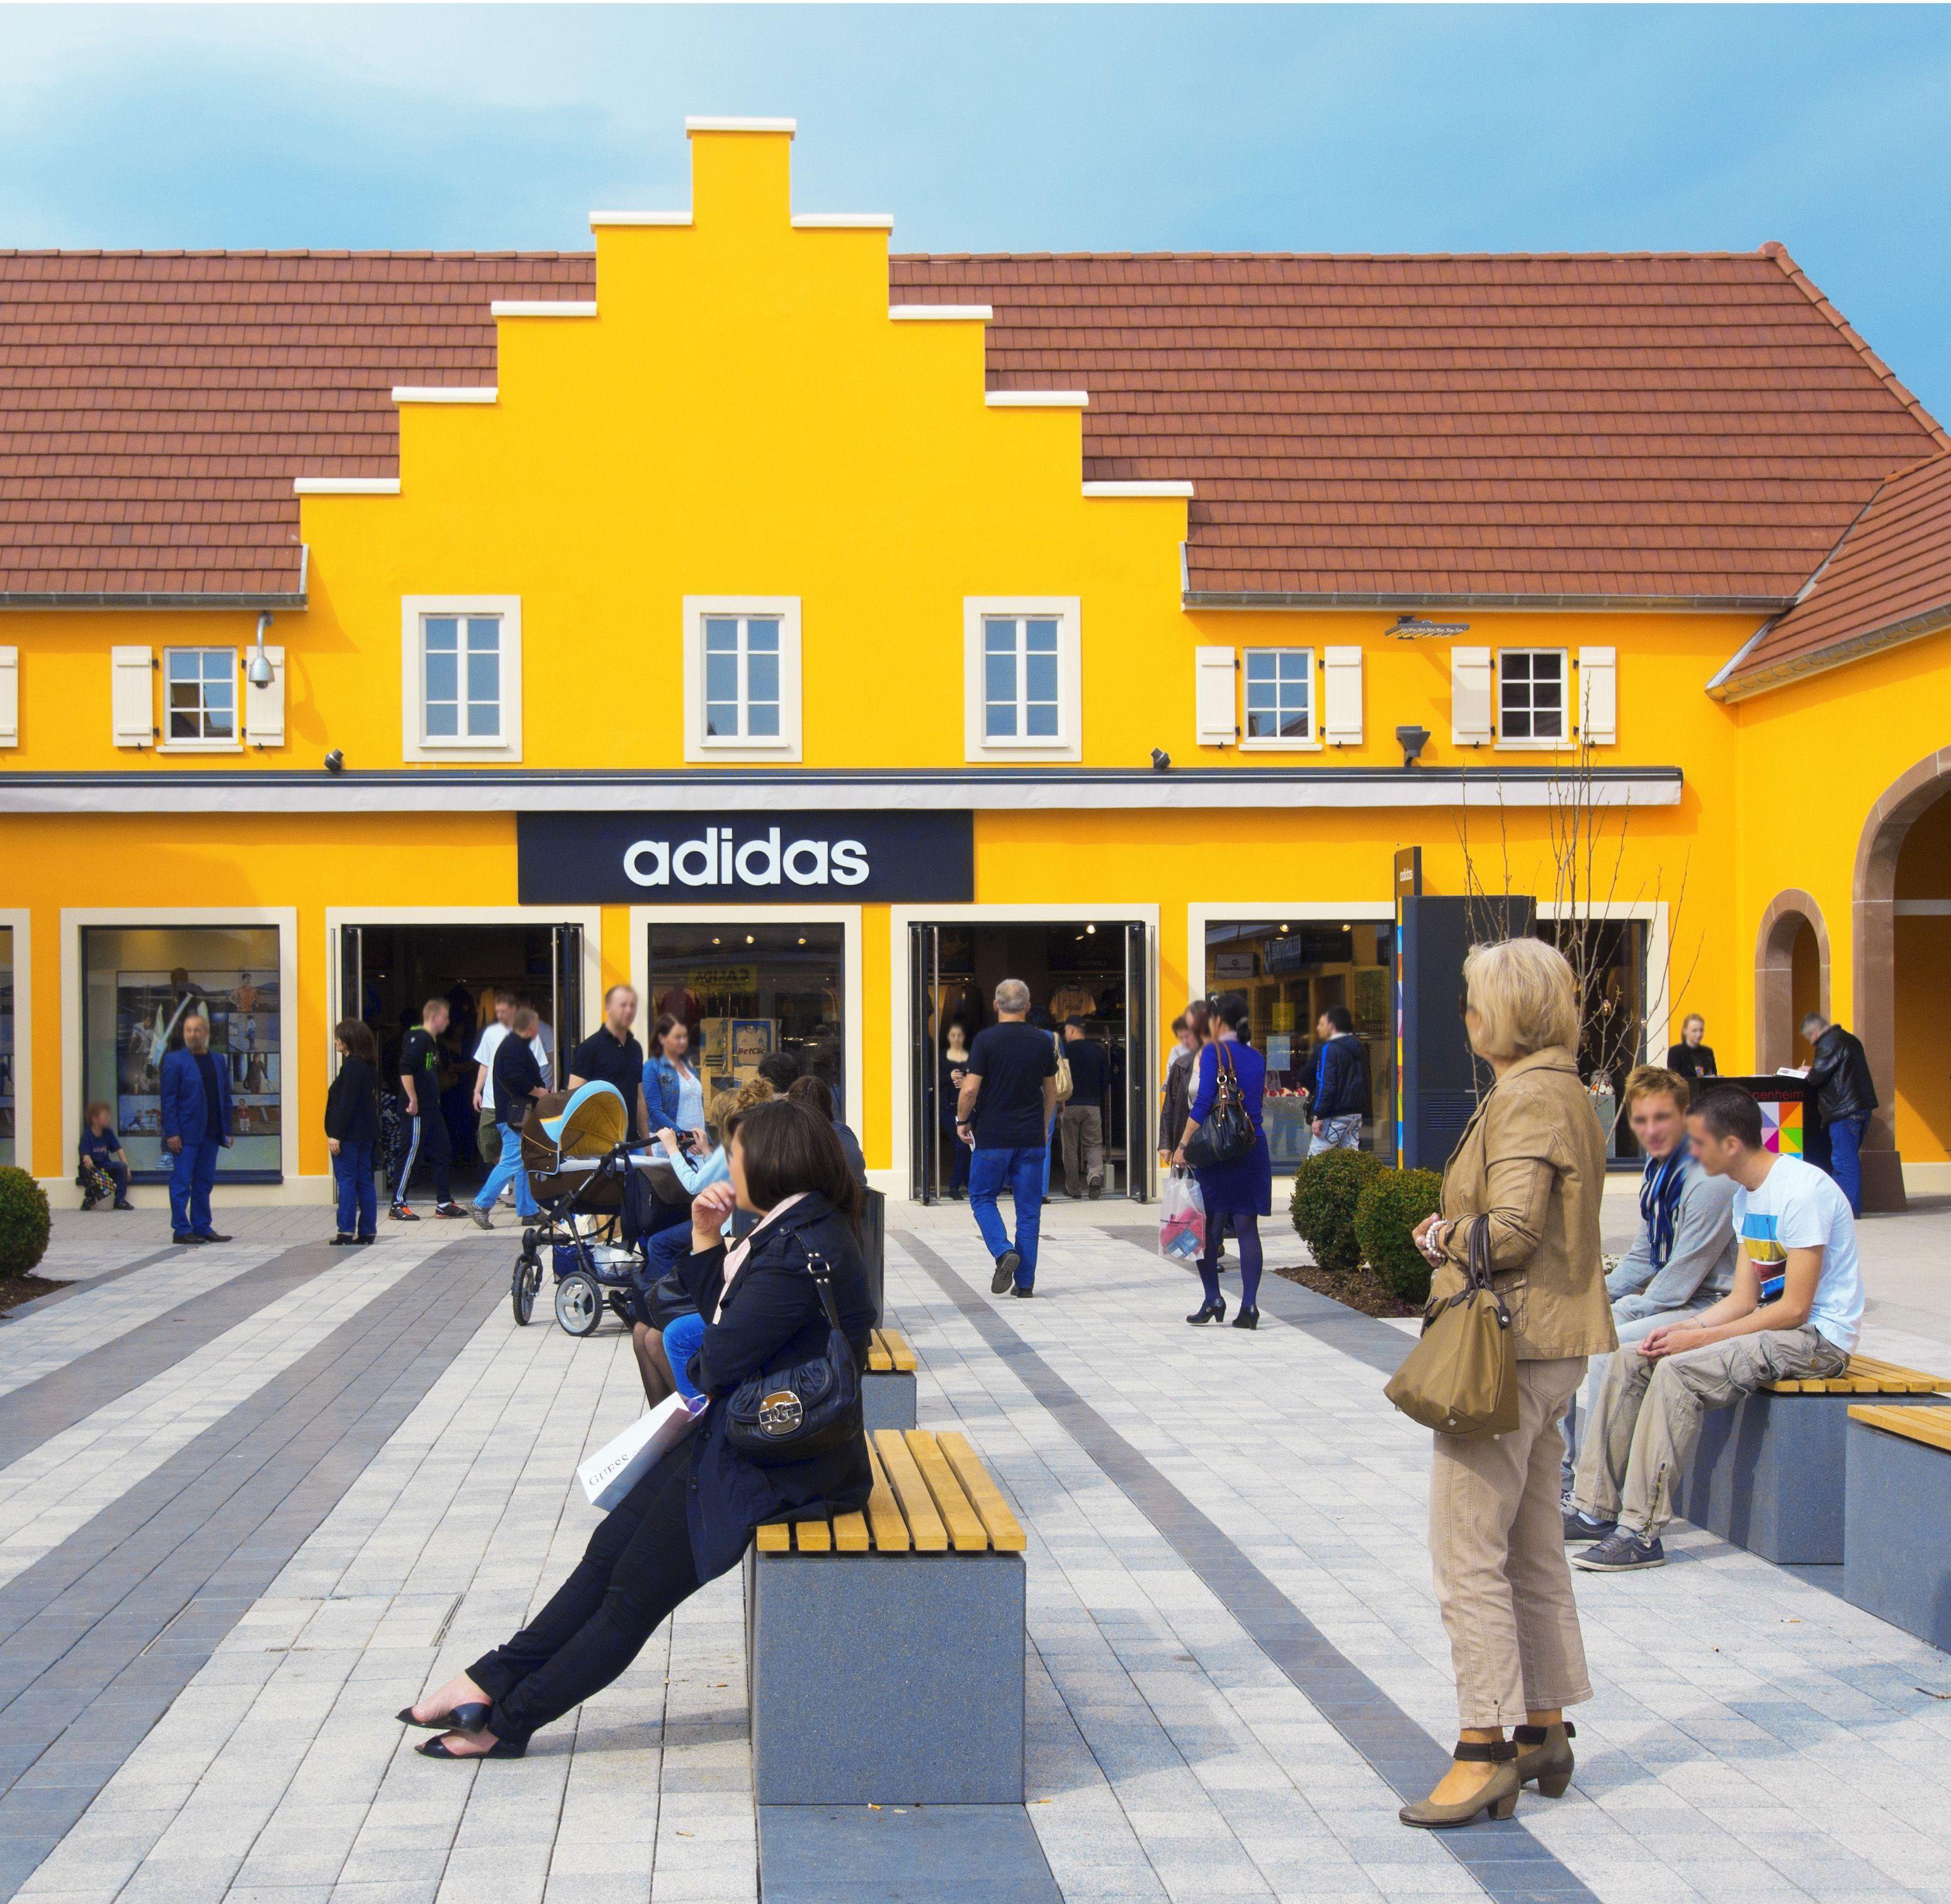 Auch Ein Riesiger Adidas Store Im Style Outlets Roppenheim Bodensee Urlaub Schwarzwald Bodensee